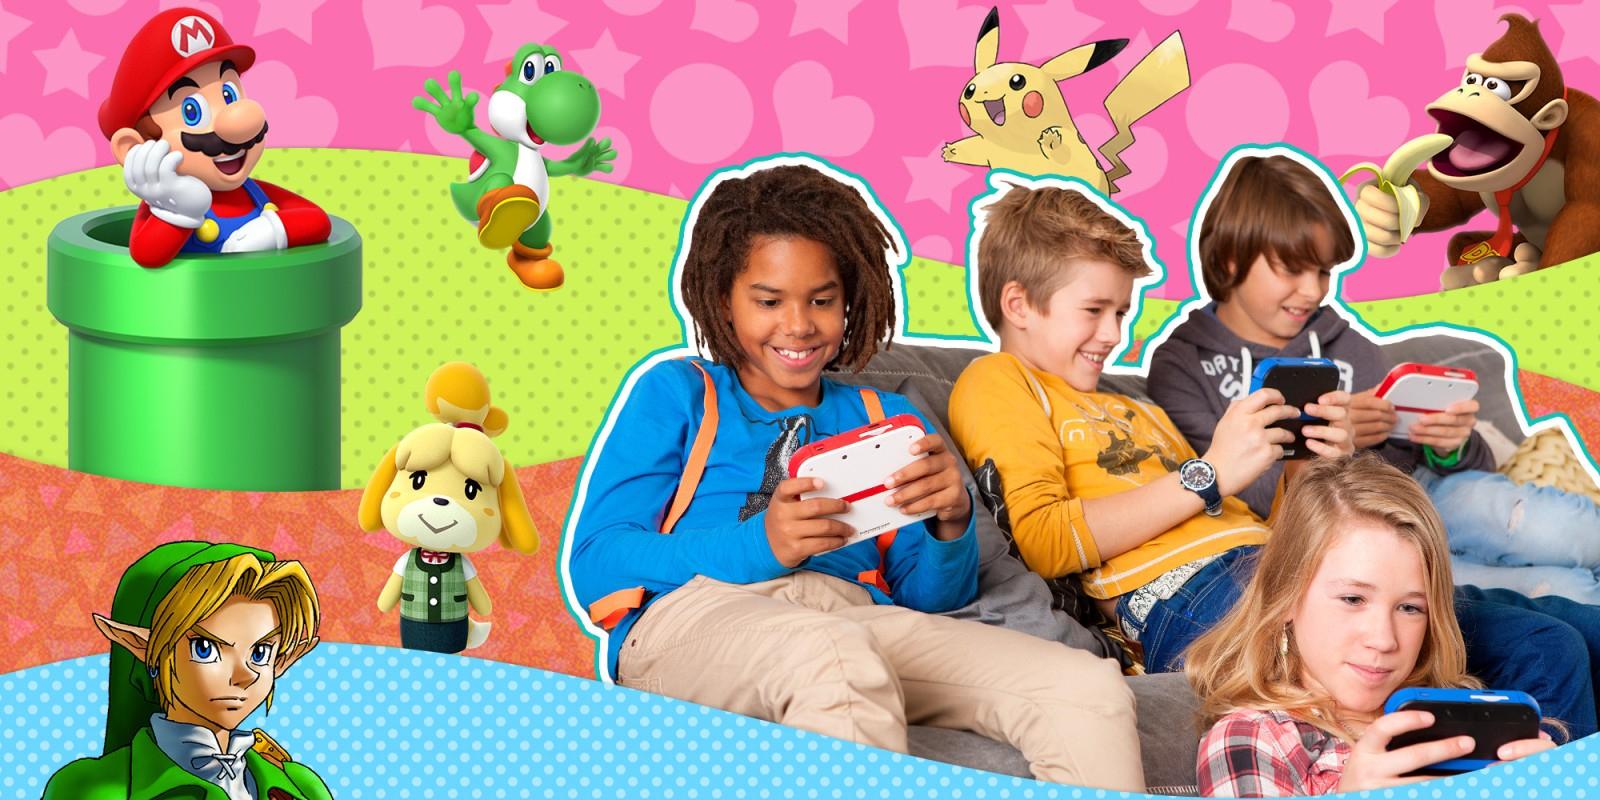 Jeux Nintendo Pour Les Enfants | Nintendo à Jeux Educatif Enfant Gratuit